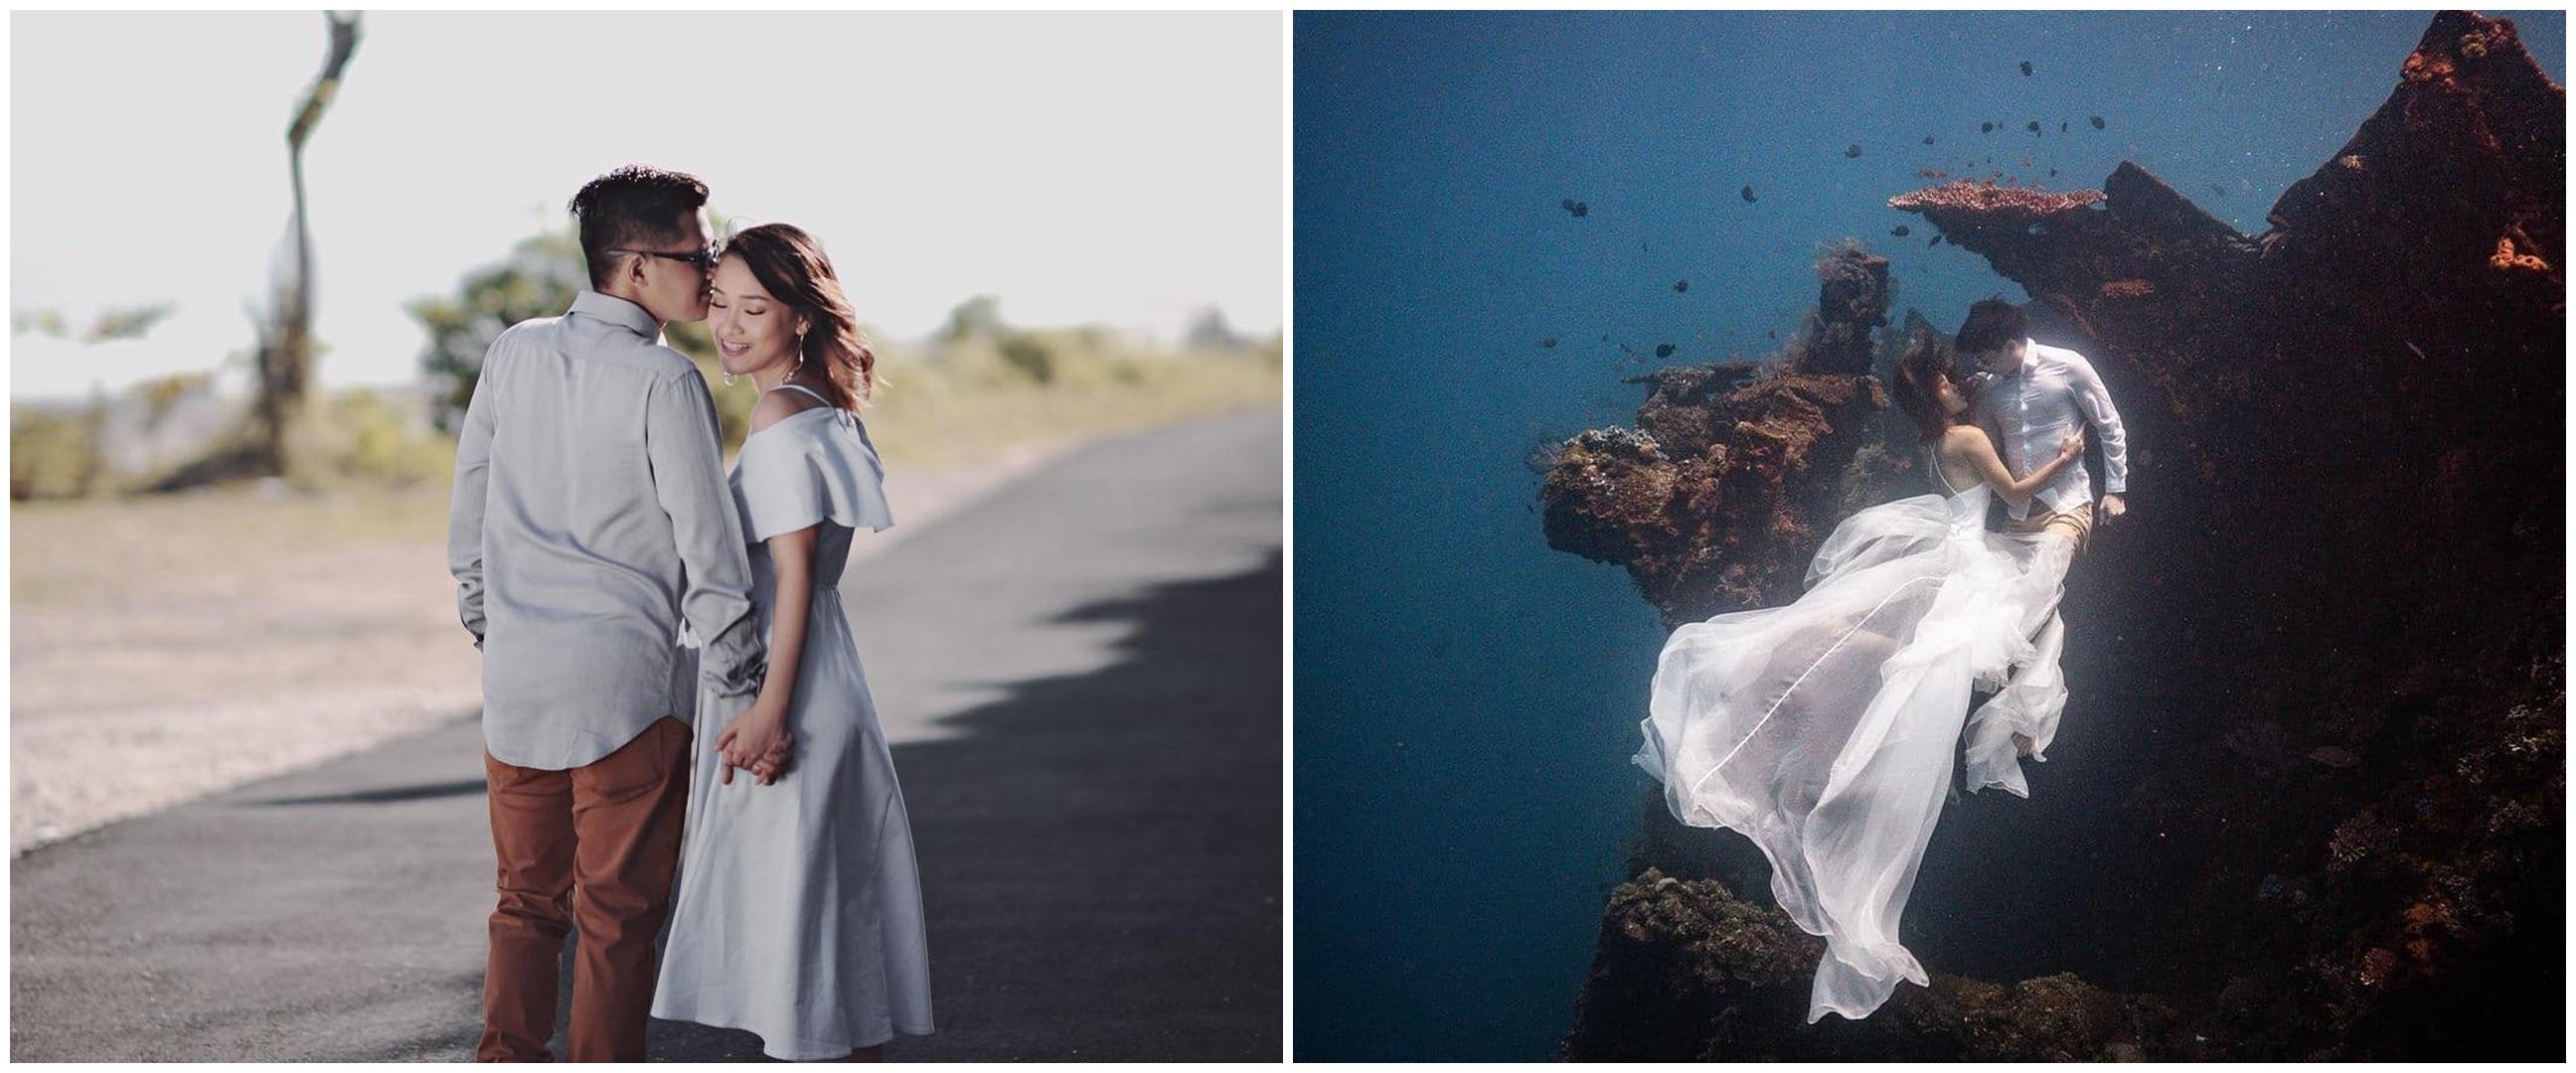 8 Potret prewedding eks member Cherrybelle, ada yang di bawah laut